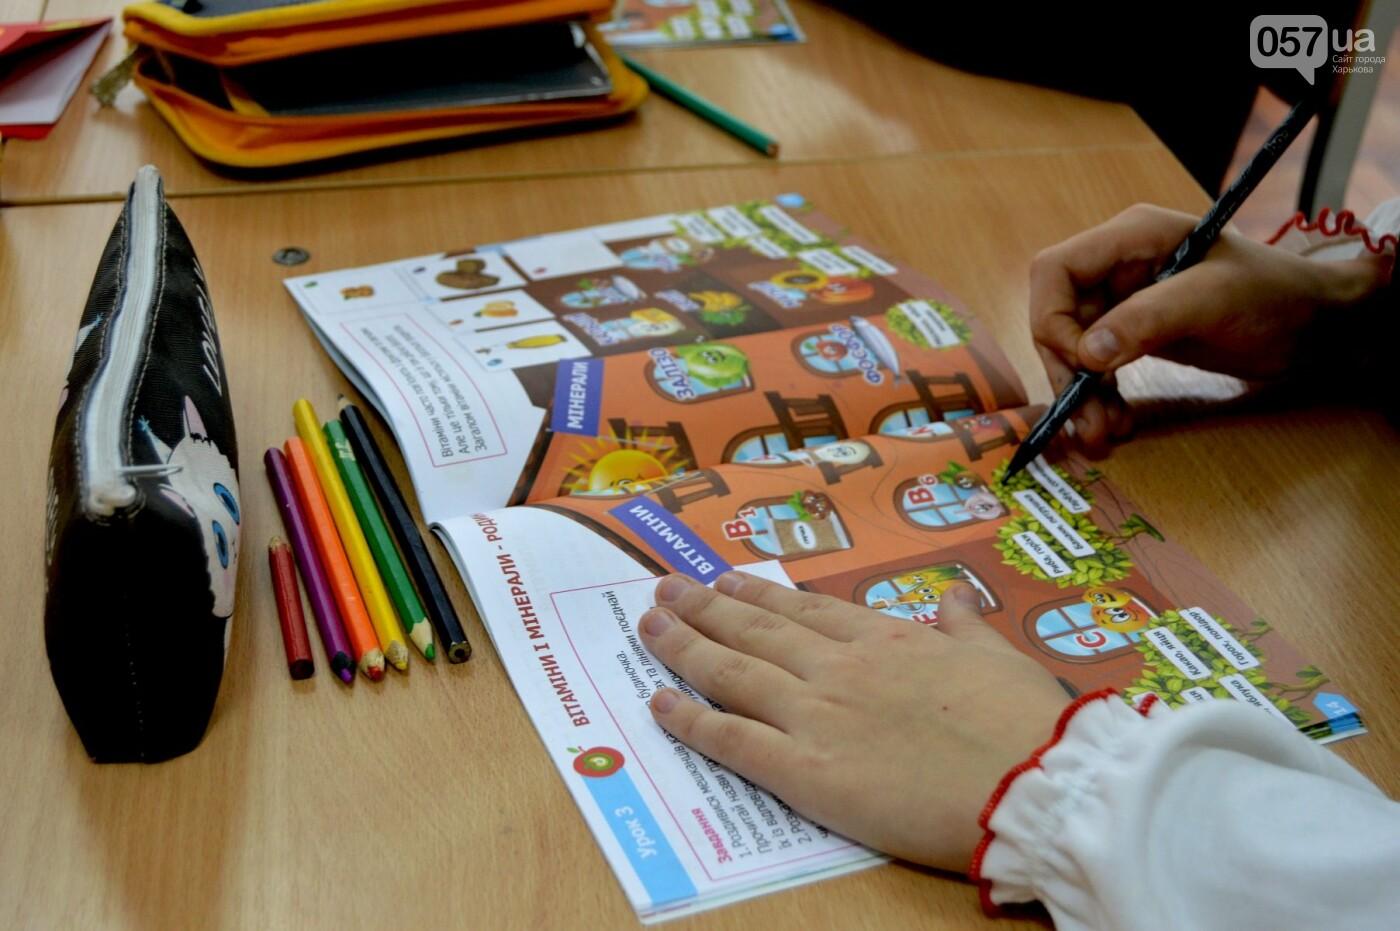 Весело та цікаво для дітей - компанія Nestle впроваджує «Абетку харчування», фото-8